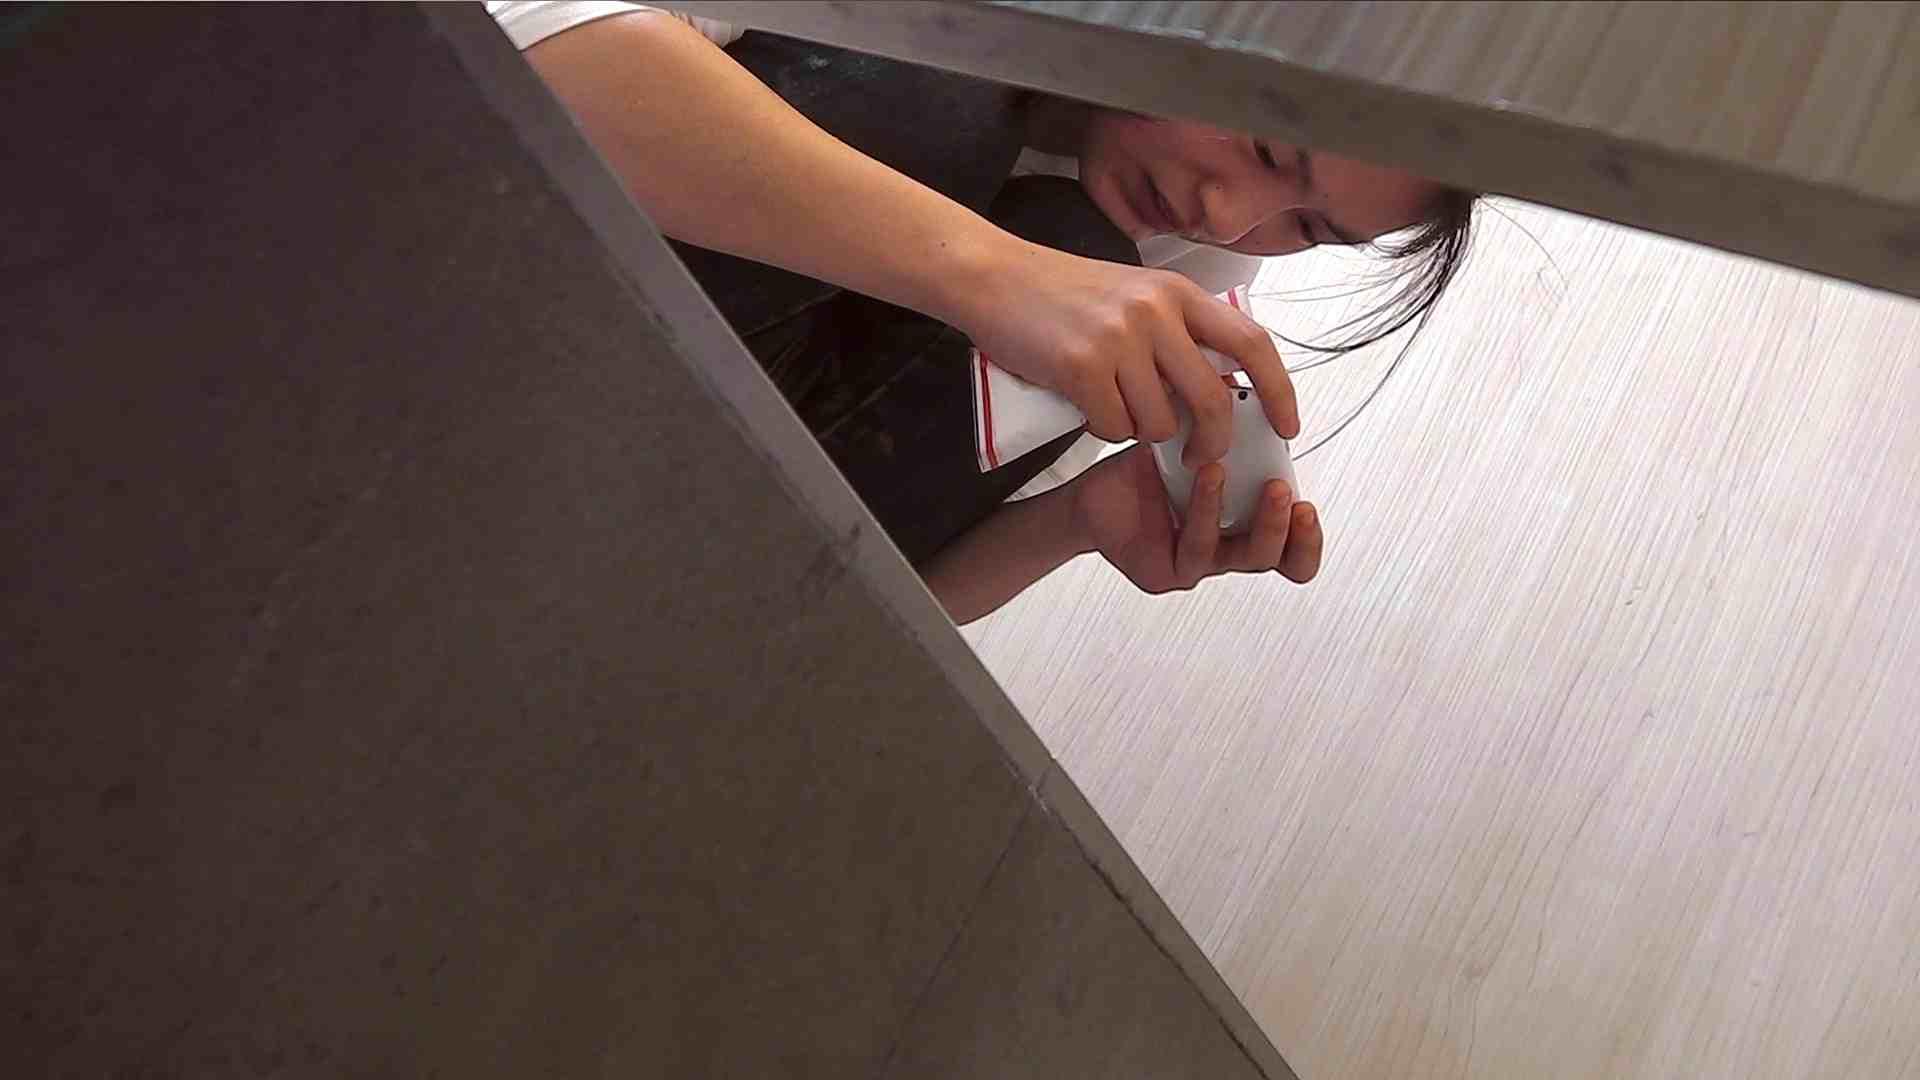 阿国ちゃんの「和式洋式七変化」No.2 丸見え おめこ無修正動画無料 75画像 39